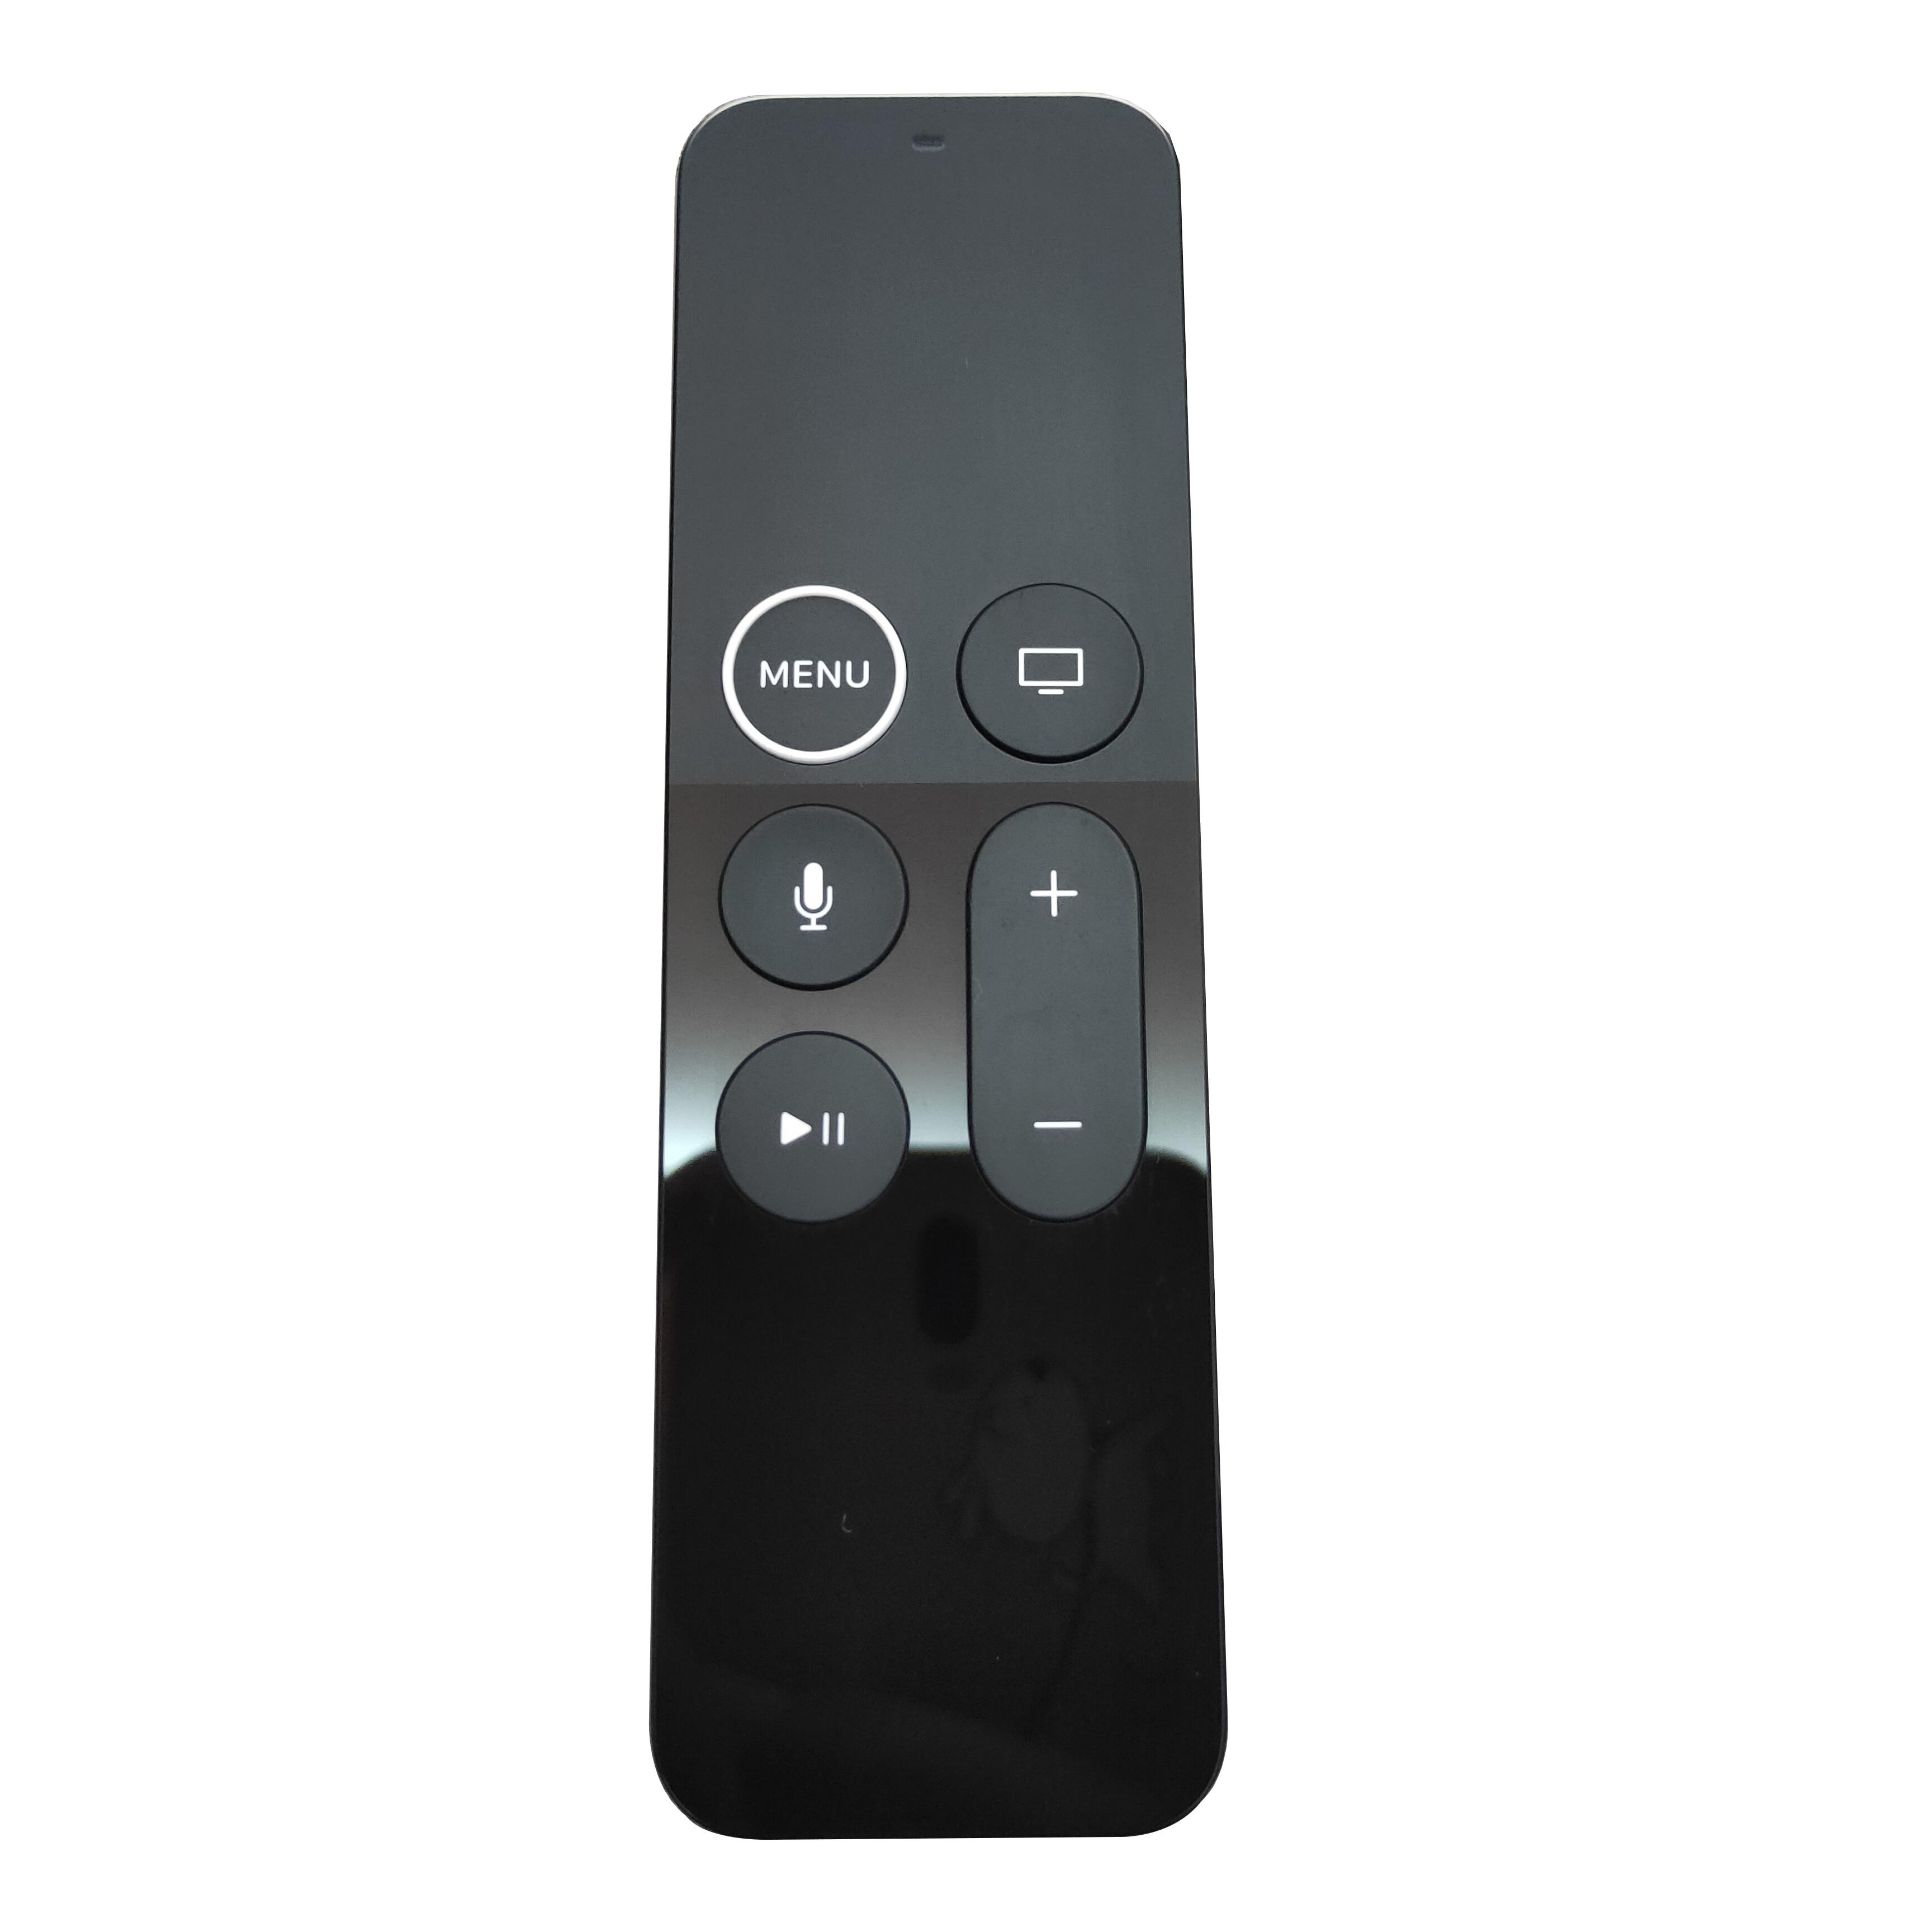 Verwendet Original für Apple TV Siri Fernbedienung MQGD2LL/EINE A1962 Fernbedienung